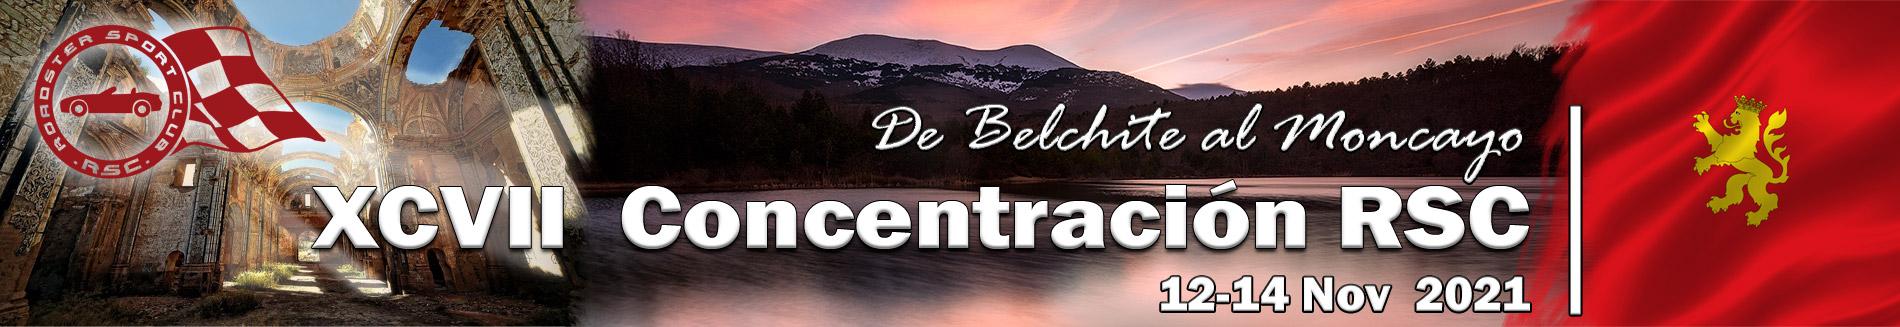 XCVII Concentración: De belchite al Moncayo, ruta por el Aragón central